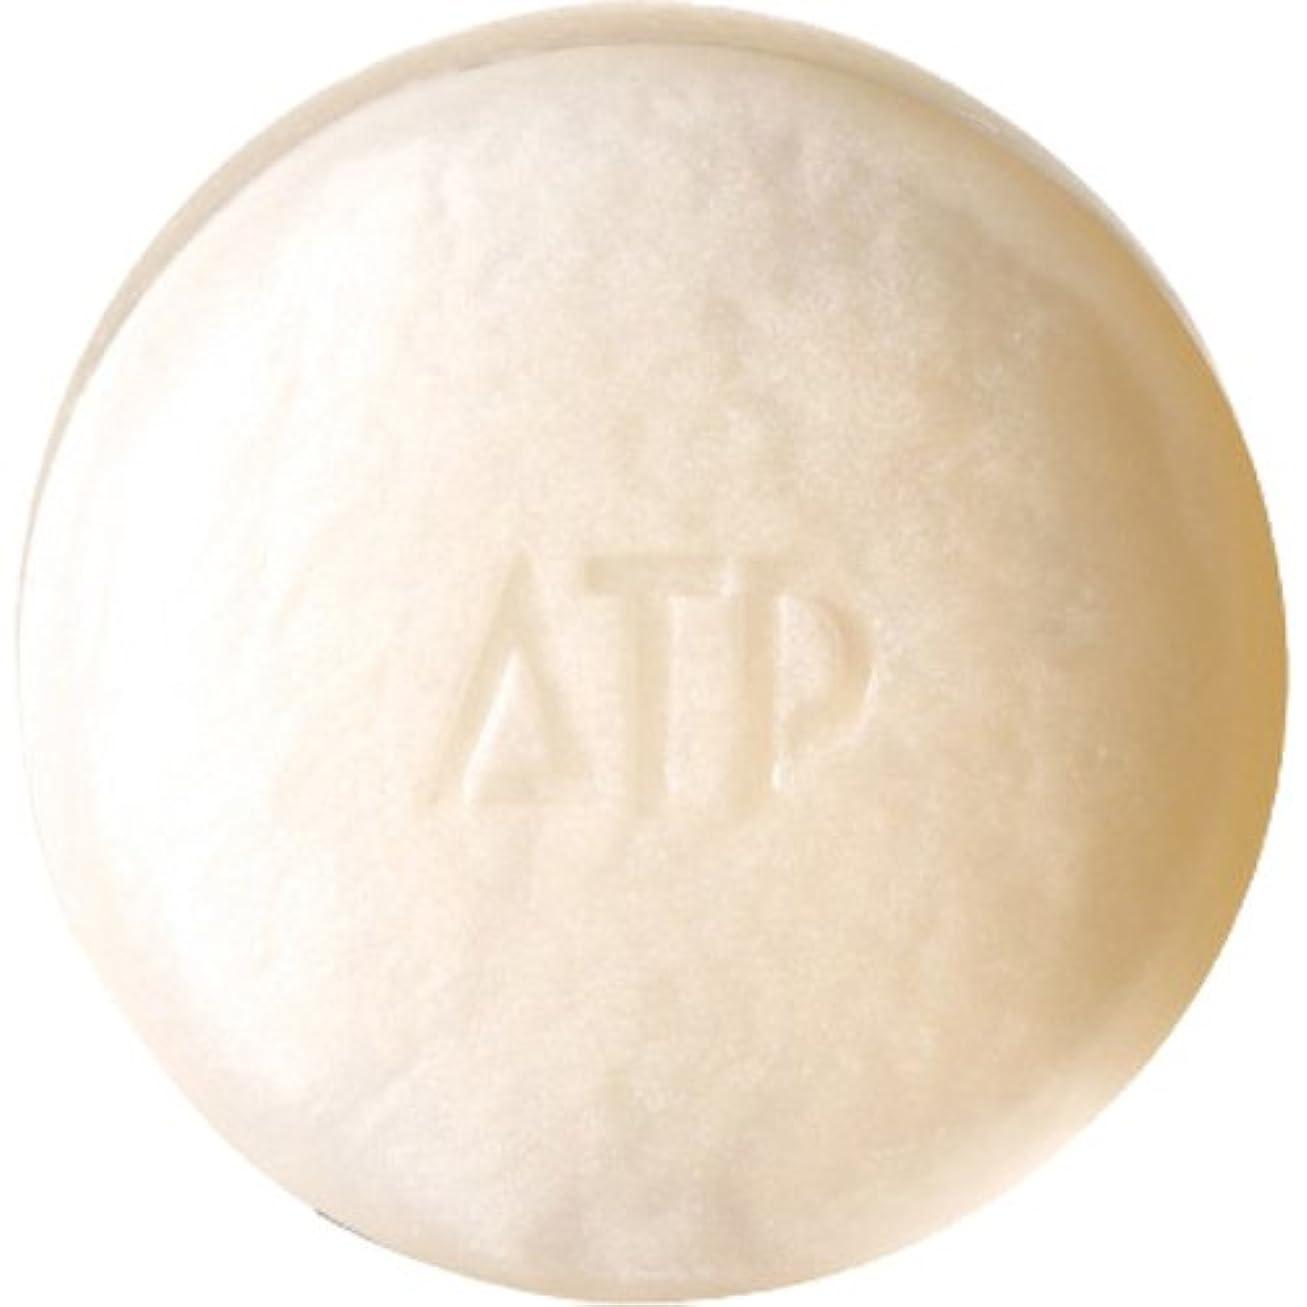 ナット乳タヒチ薬用ATP デリケアソープ 100g ケースなし (全身用洗浄石けん?枠練り) [医薬部外品]